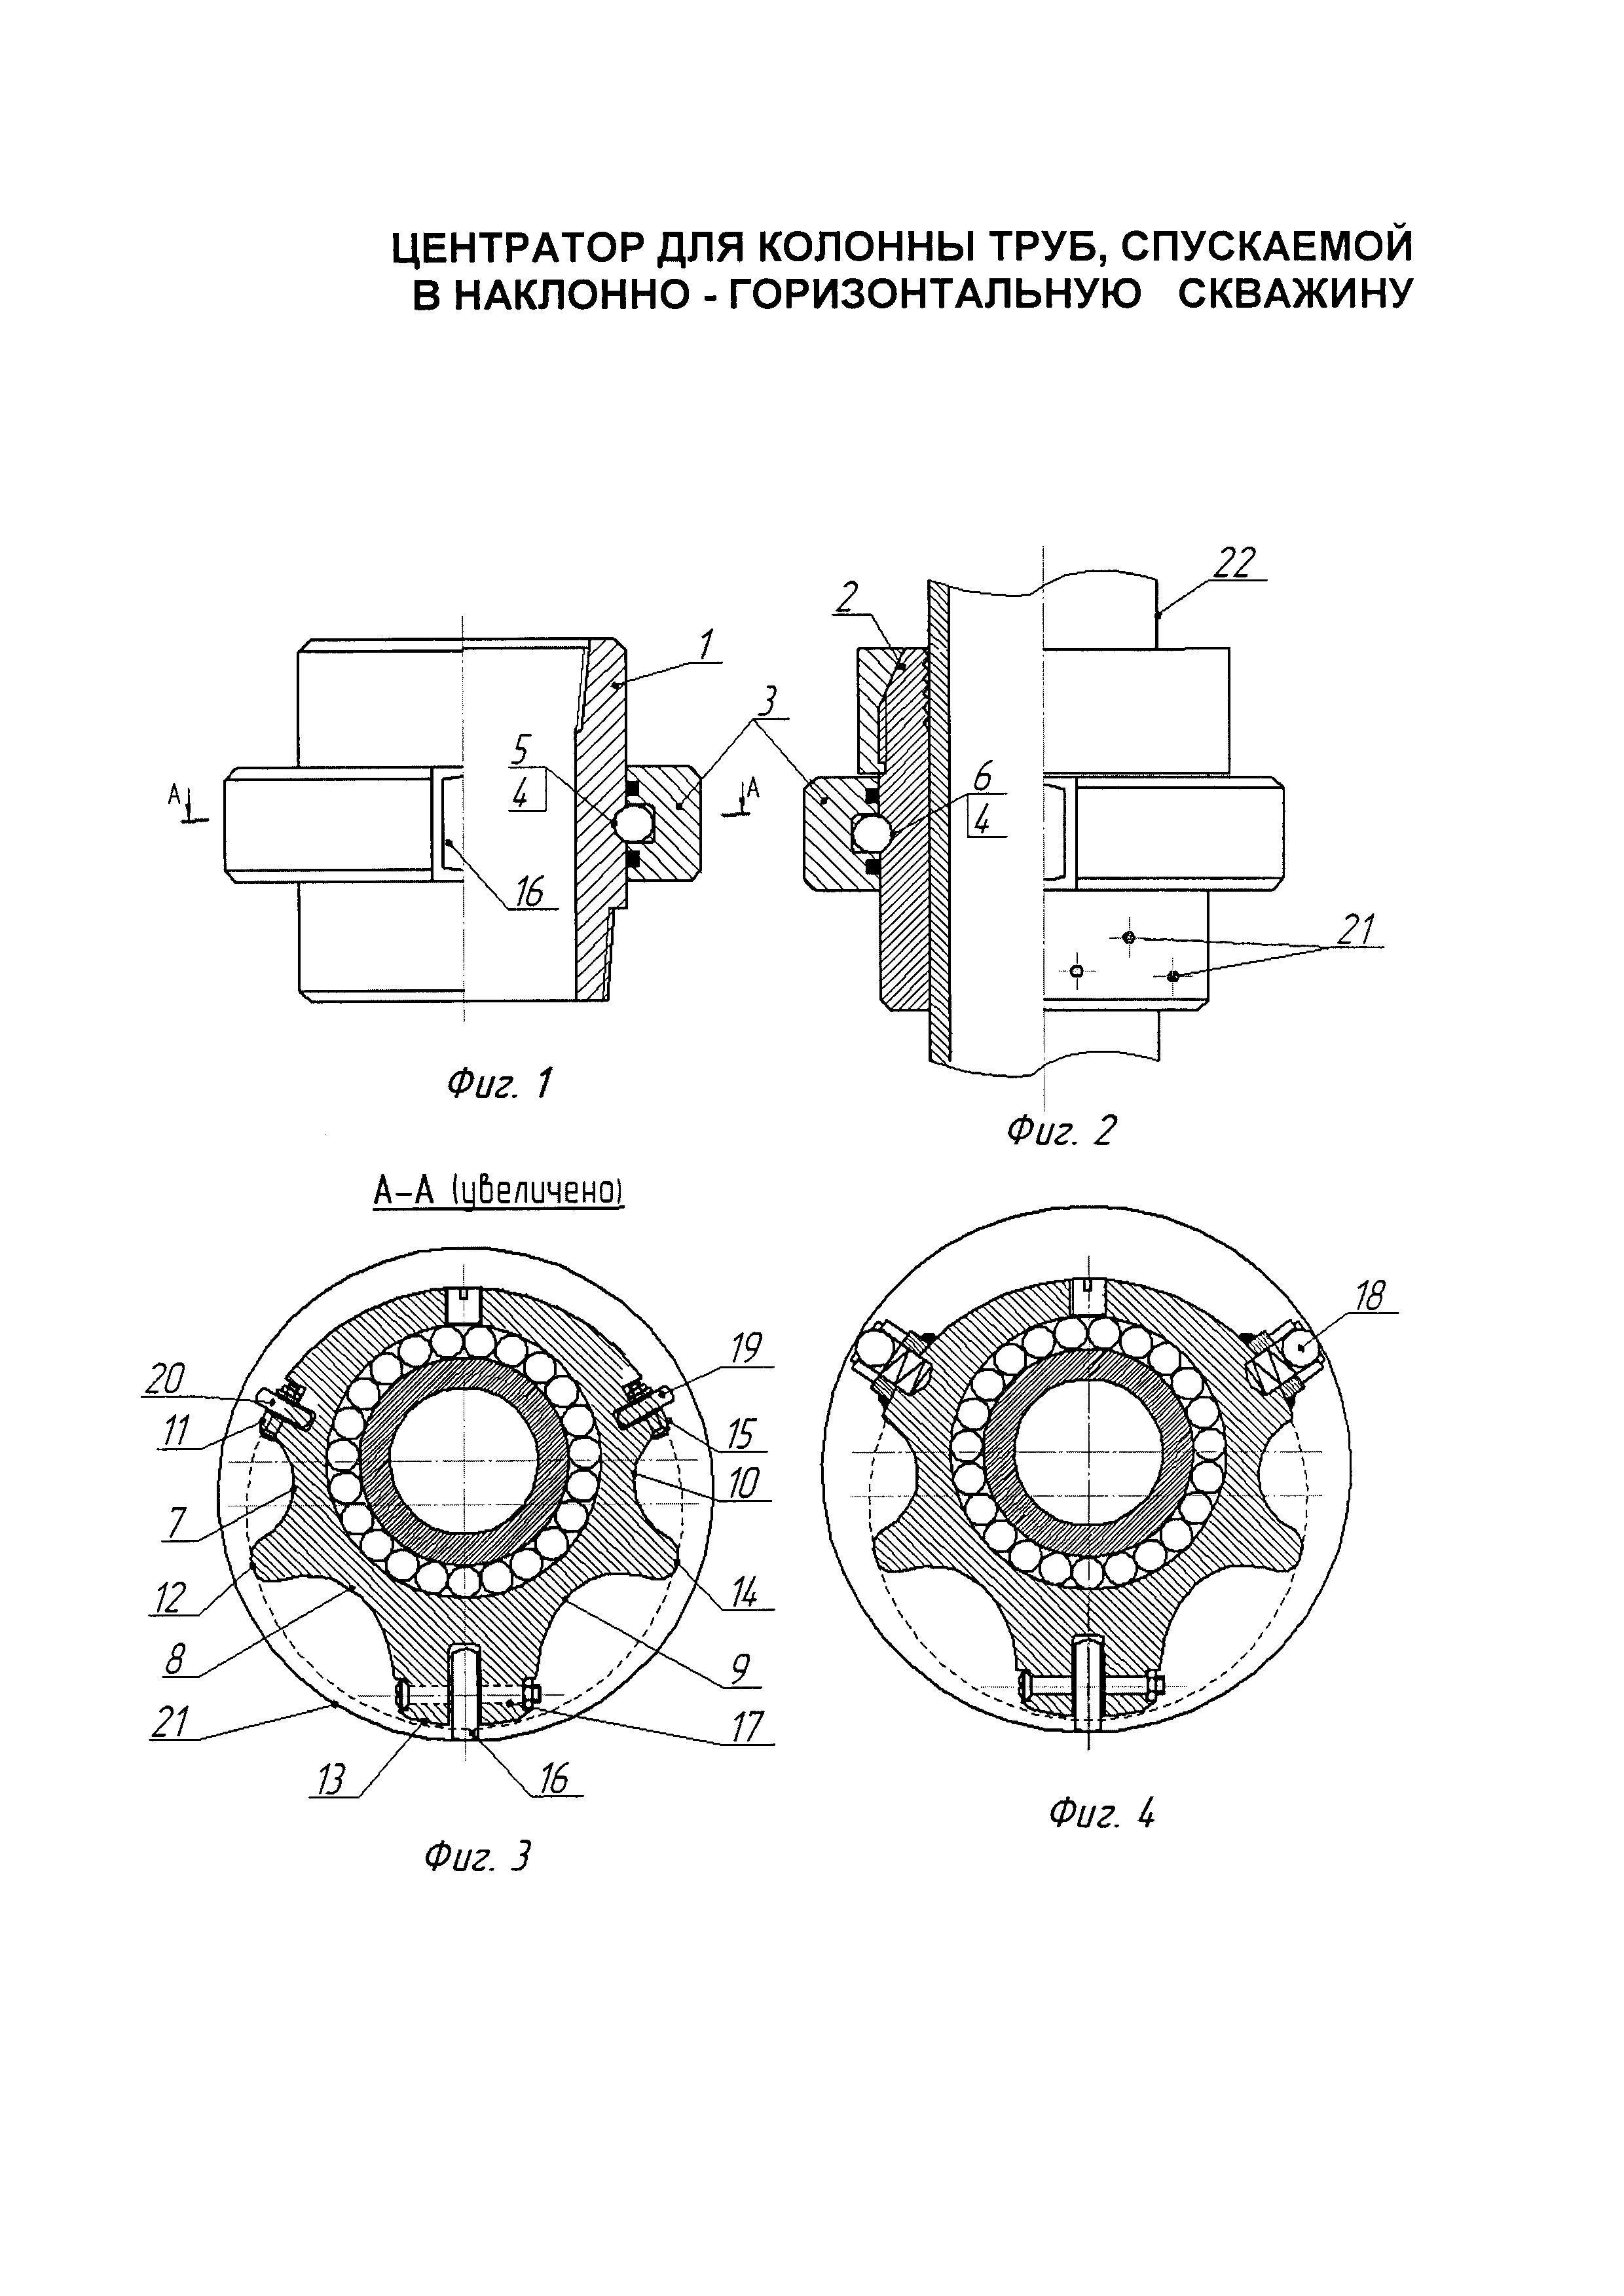 Центратор для колонны труб, спускаемой в наклонно-горизонтальную скважину